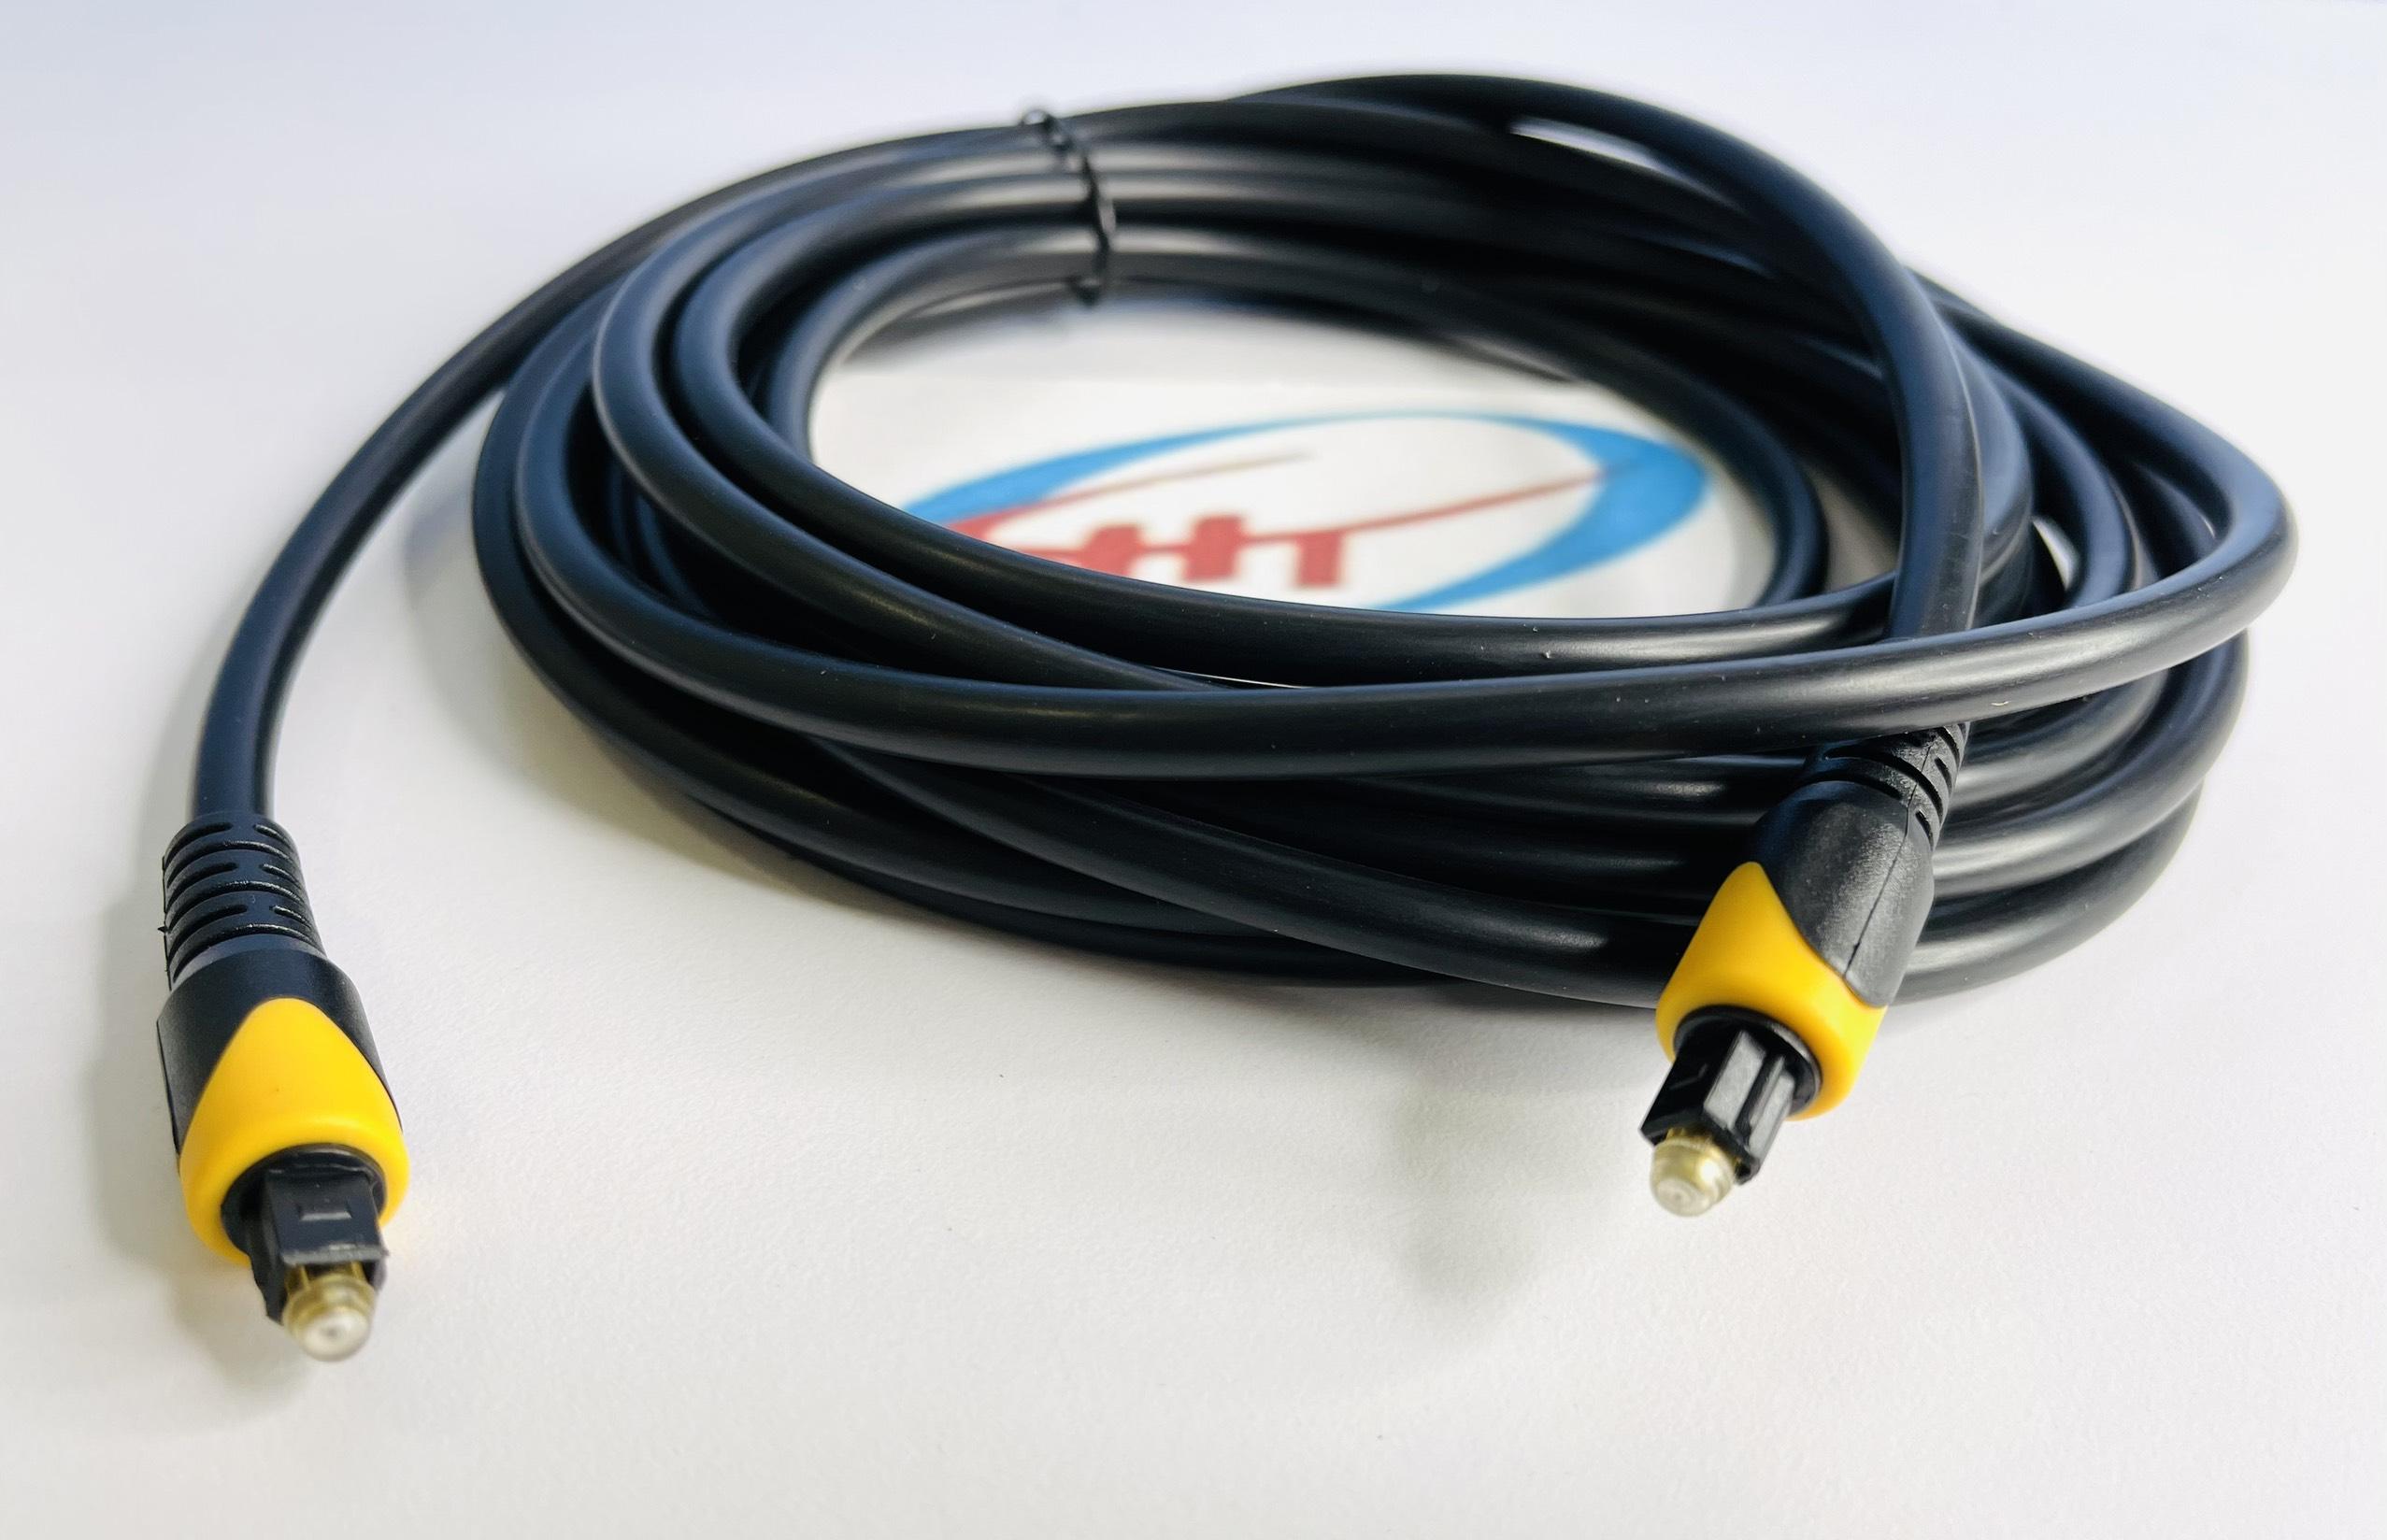 Dây audio quang (Toslink Optical) đầu nhựa dài 5M HIMEDIA 6.0 - Hàng chính hãng